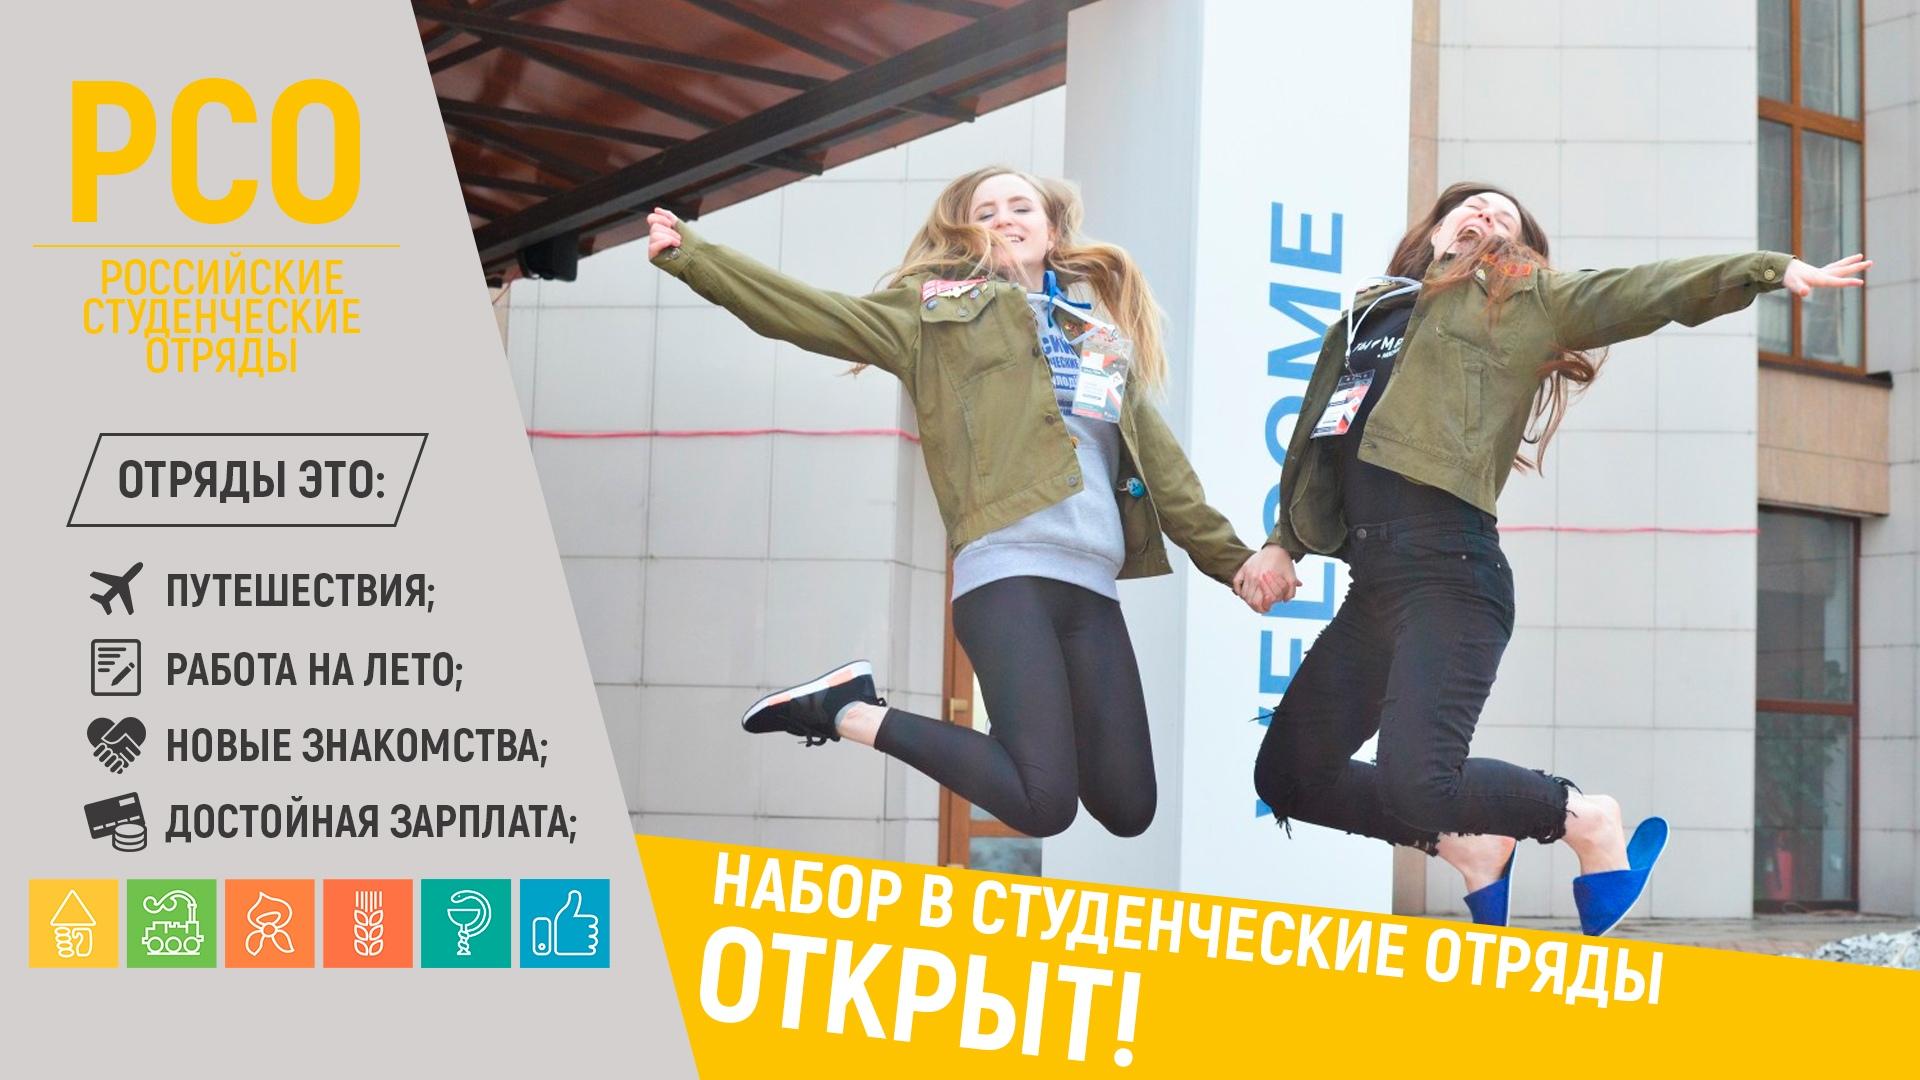 Всем доброго времени суток, в университете нашего города, наконец-то, открывается набор в «Российские студенческие отряды»